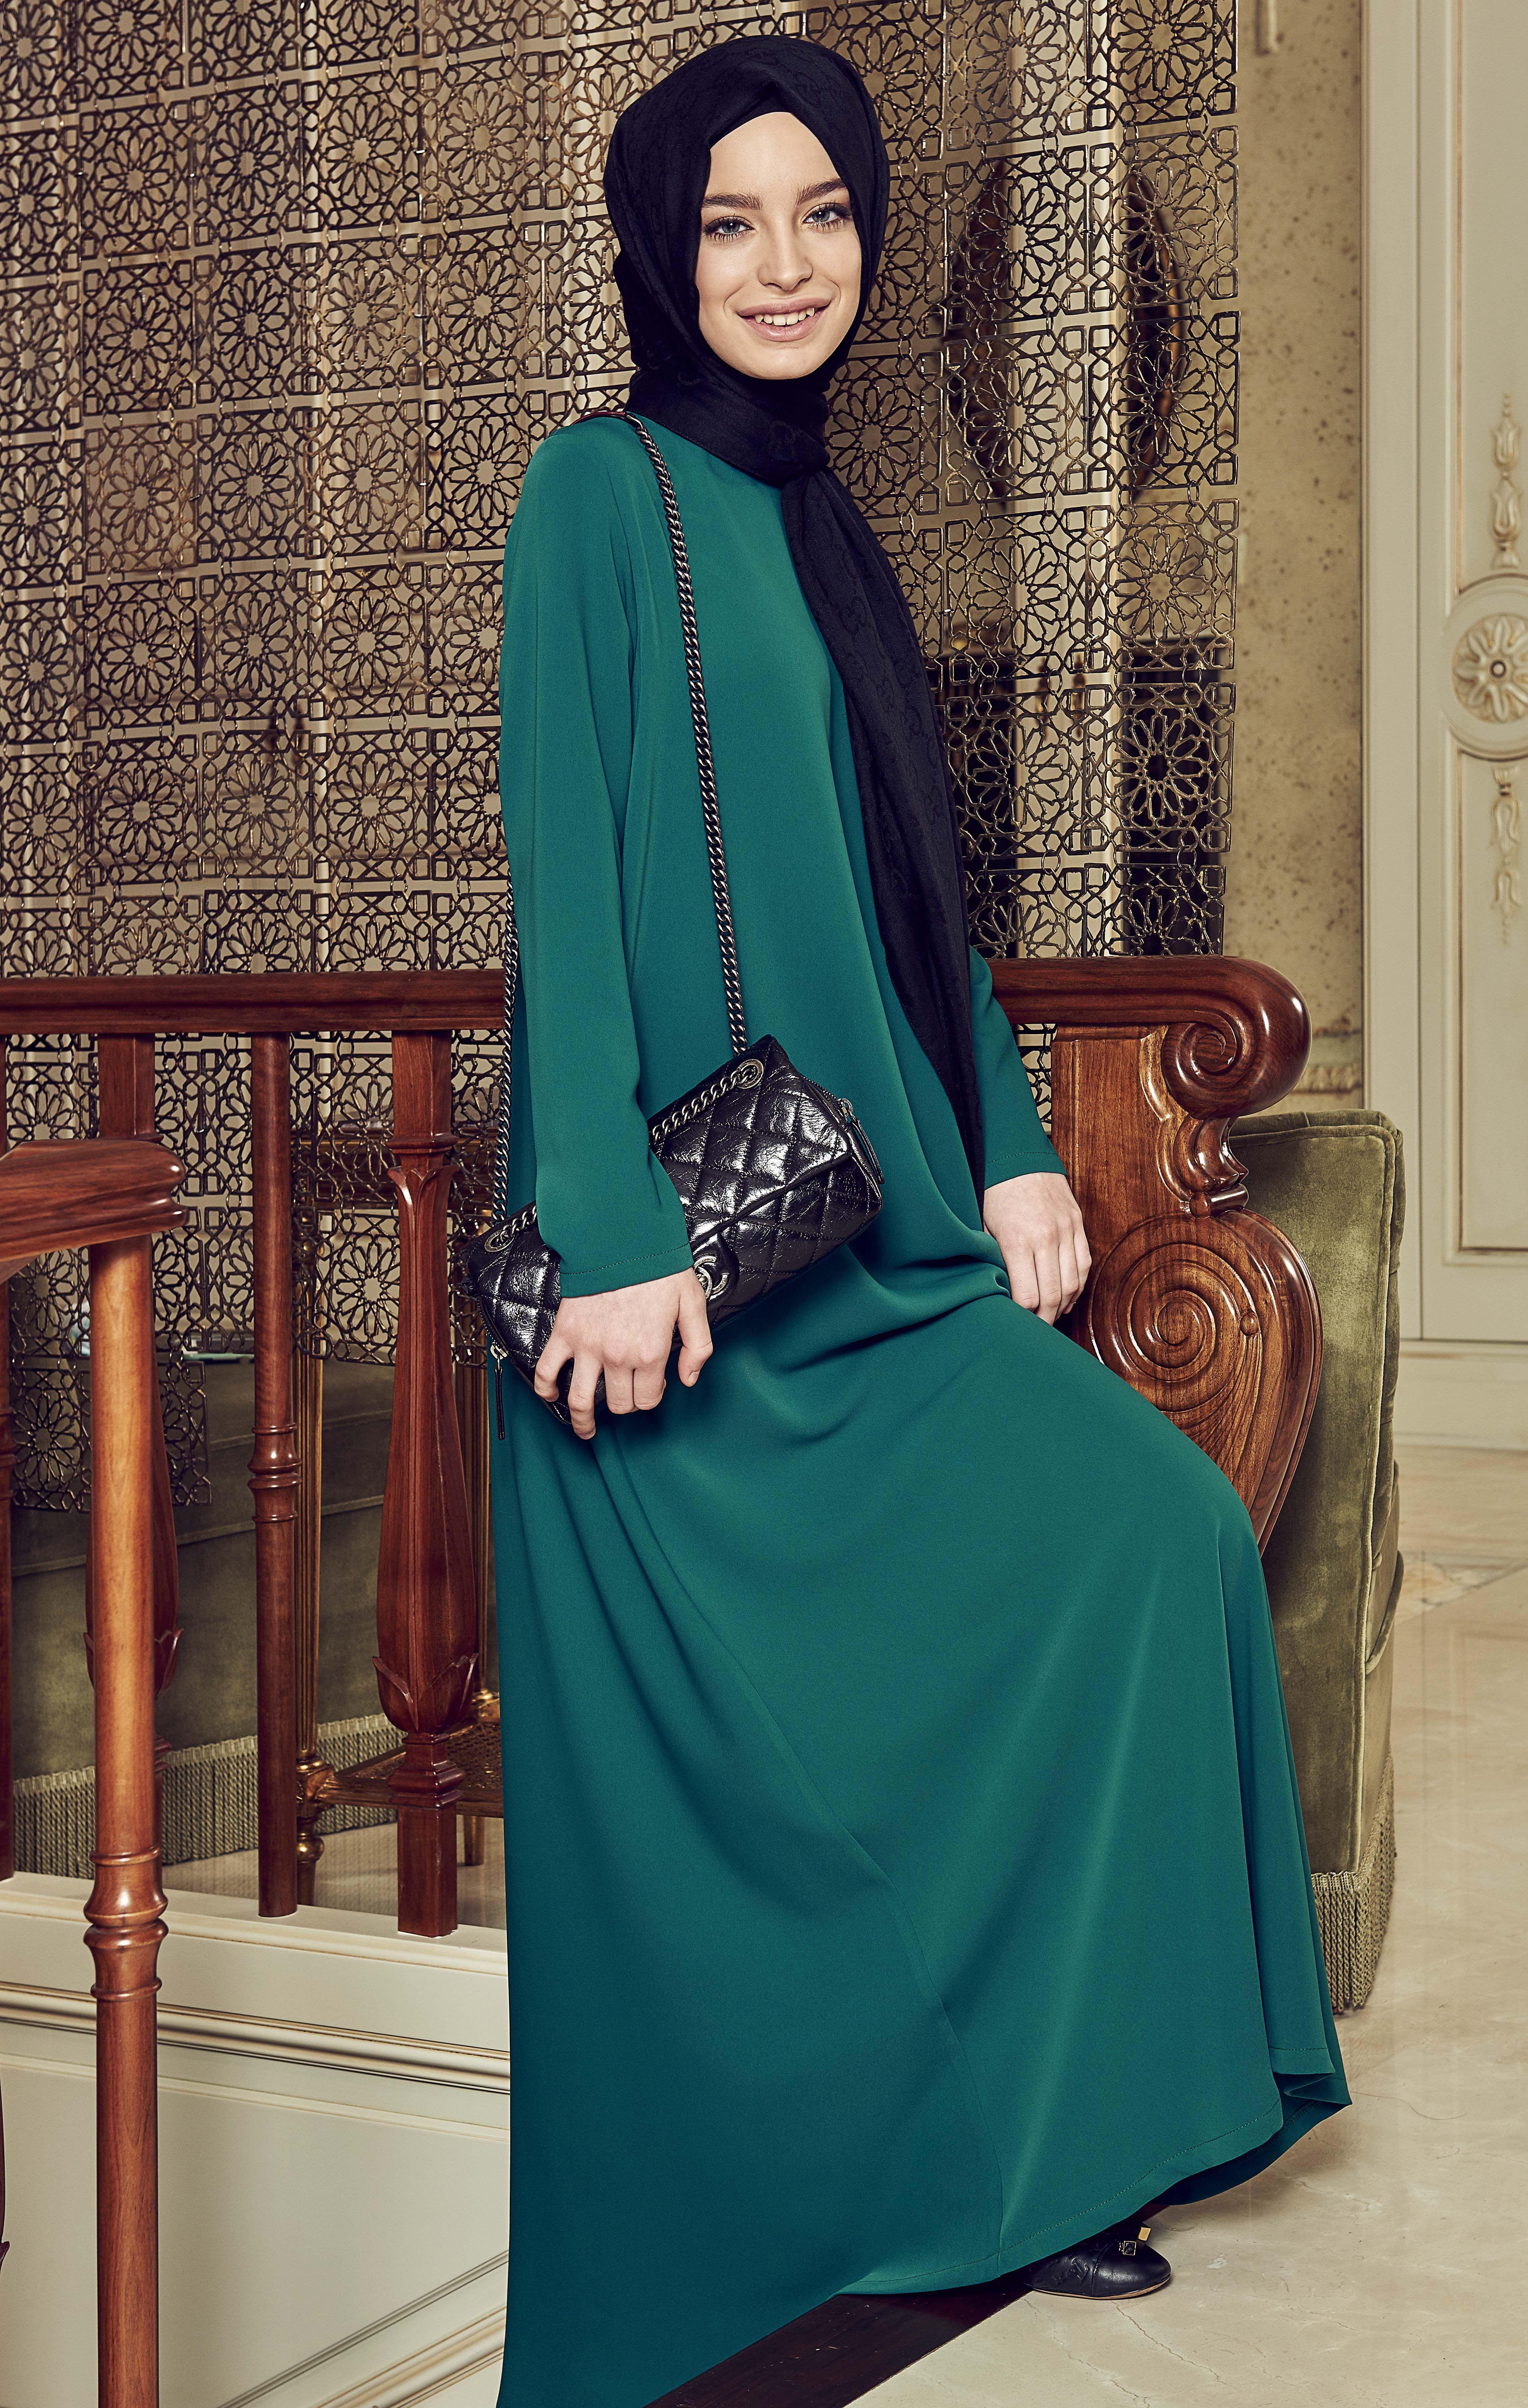 f7b15b7abd9d8 Terzi Dükkanı Uzun Elbise instagram : terzi_dukkani #tesettürgiyim #tesettür  #hijab #hijabfashion